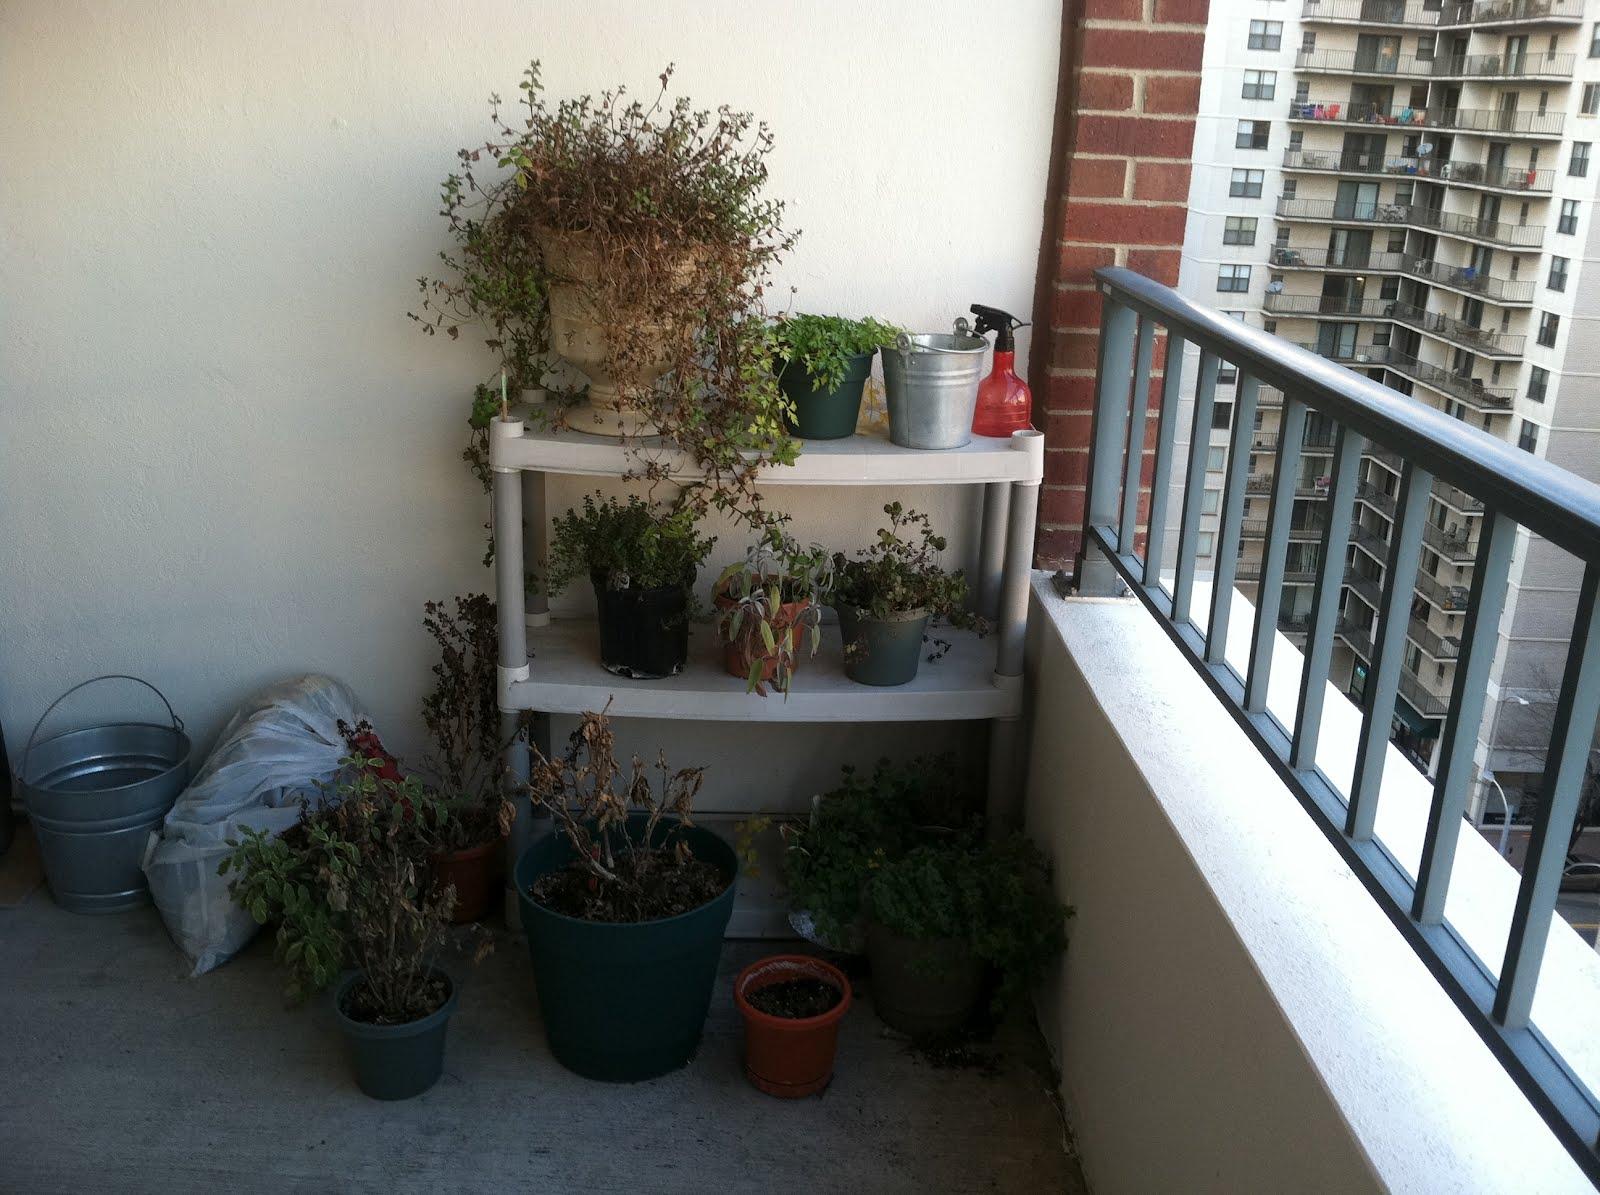 thrifty dc cook winter herb garden